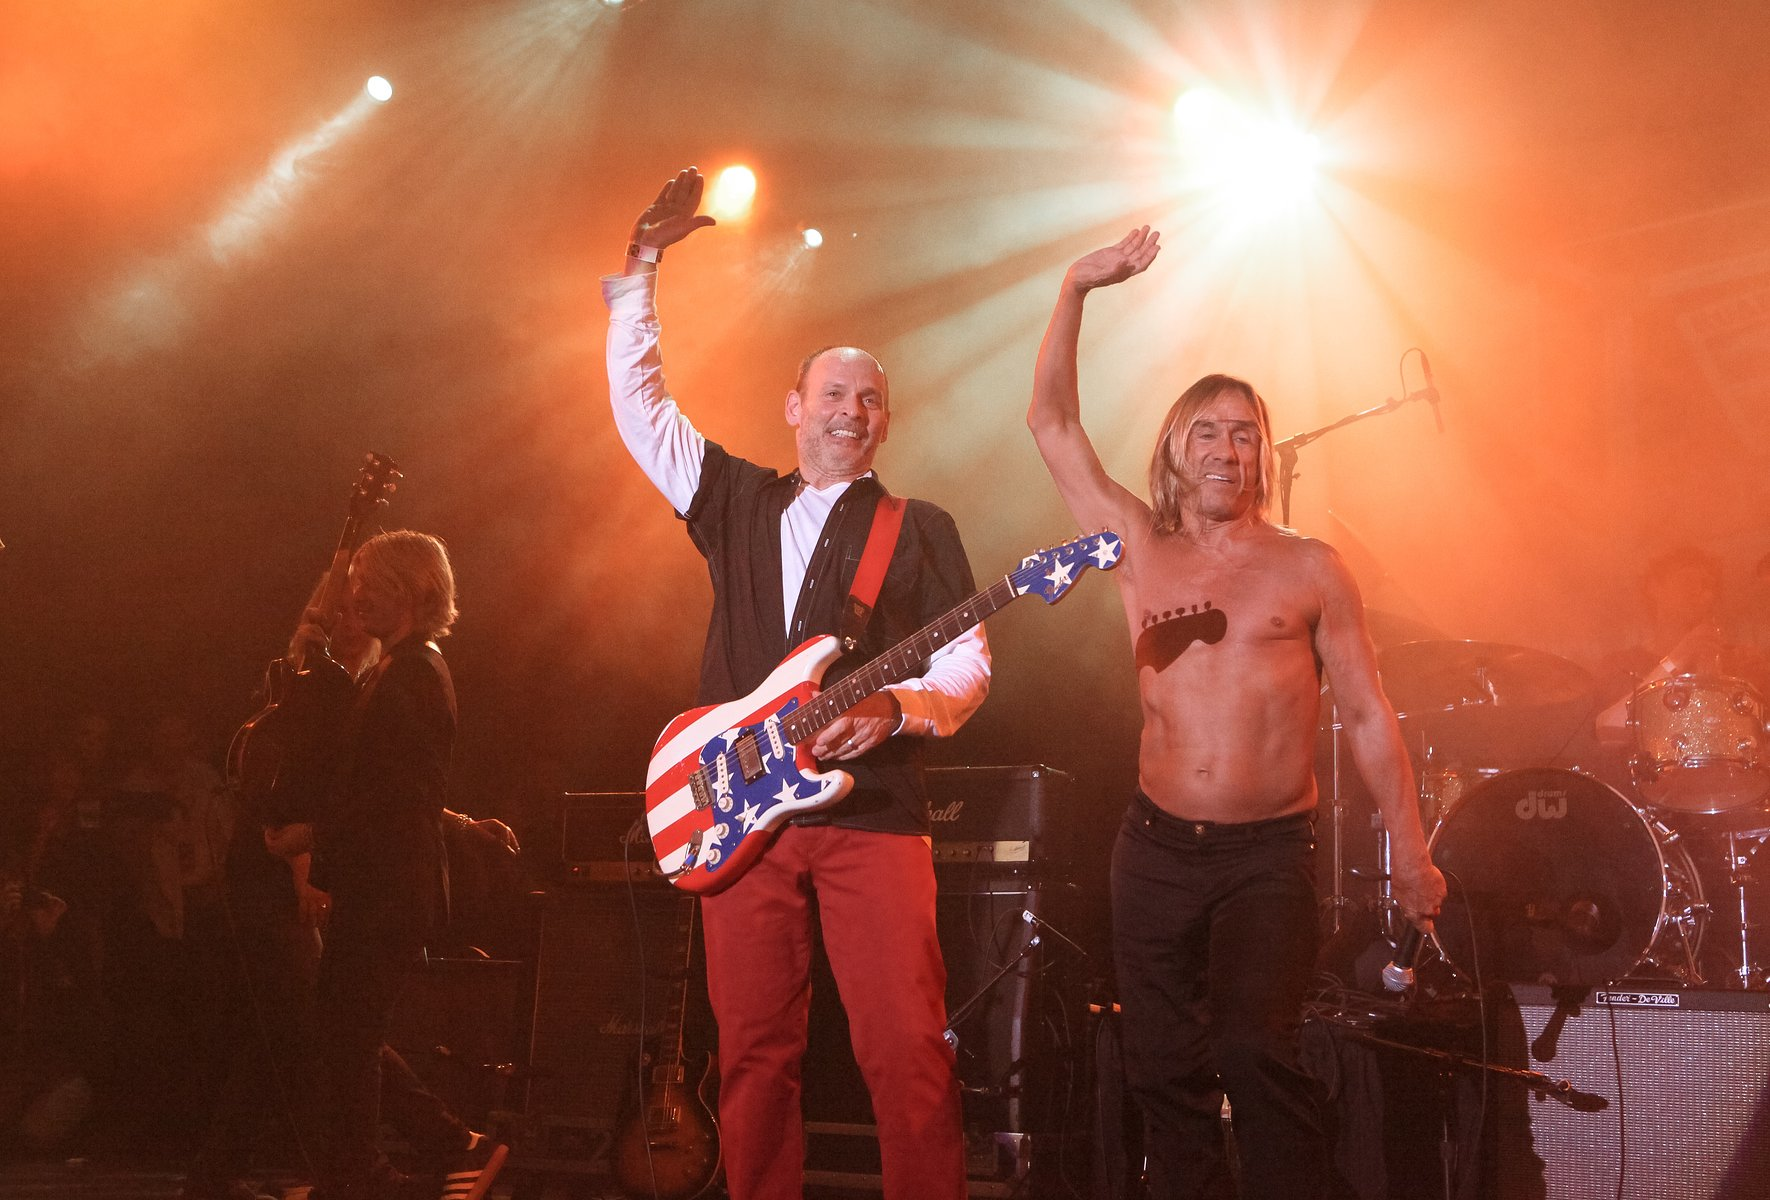 Wayne Kramer & Iggy Pop